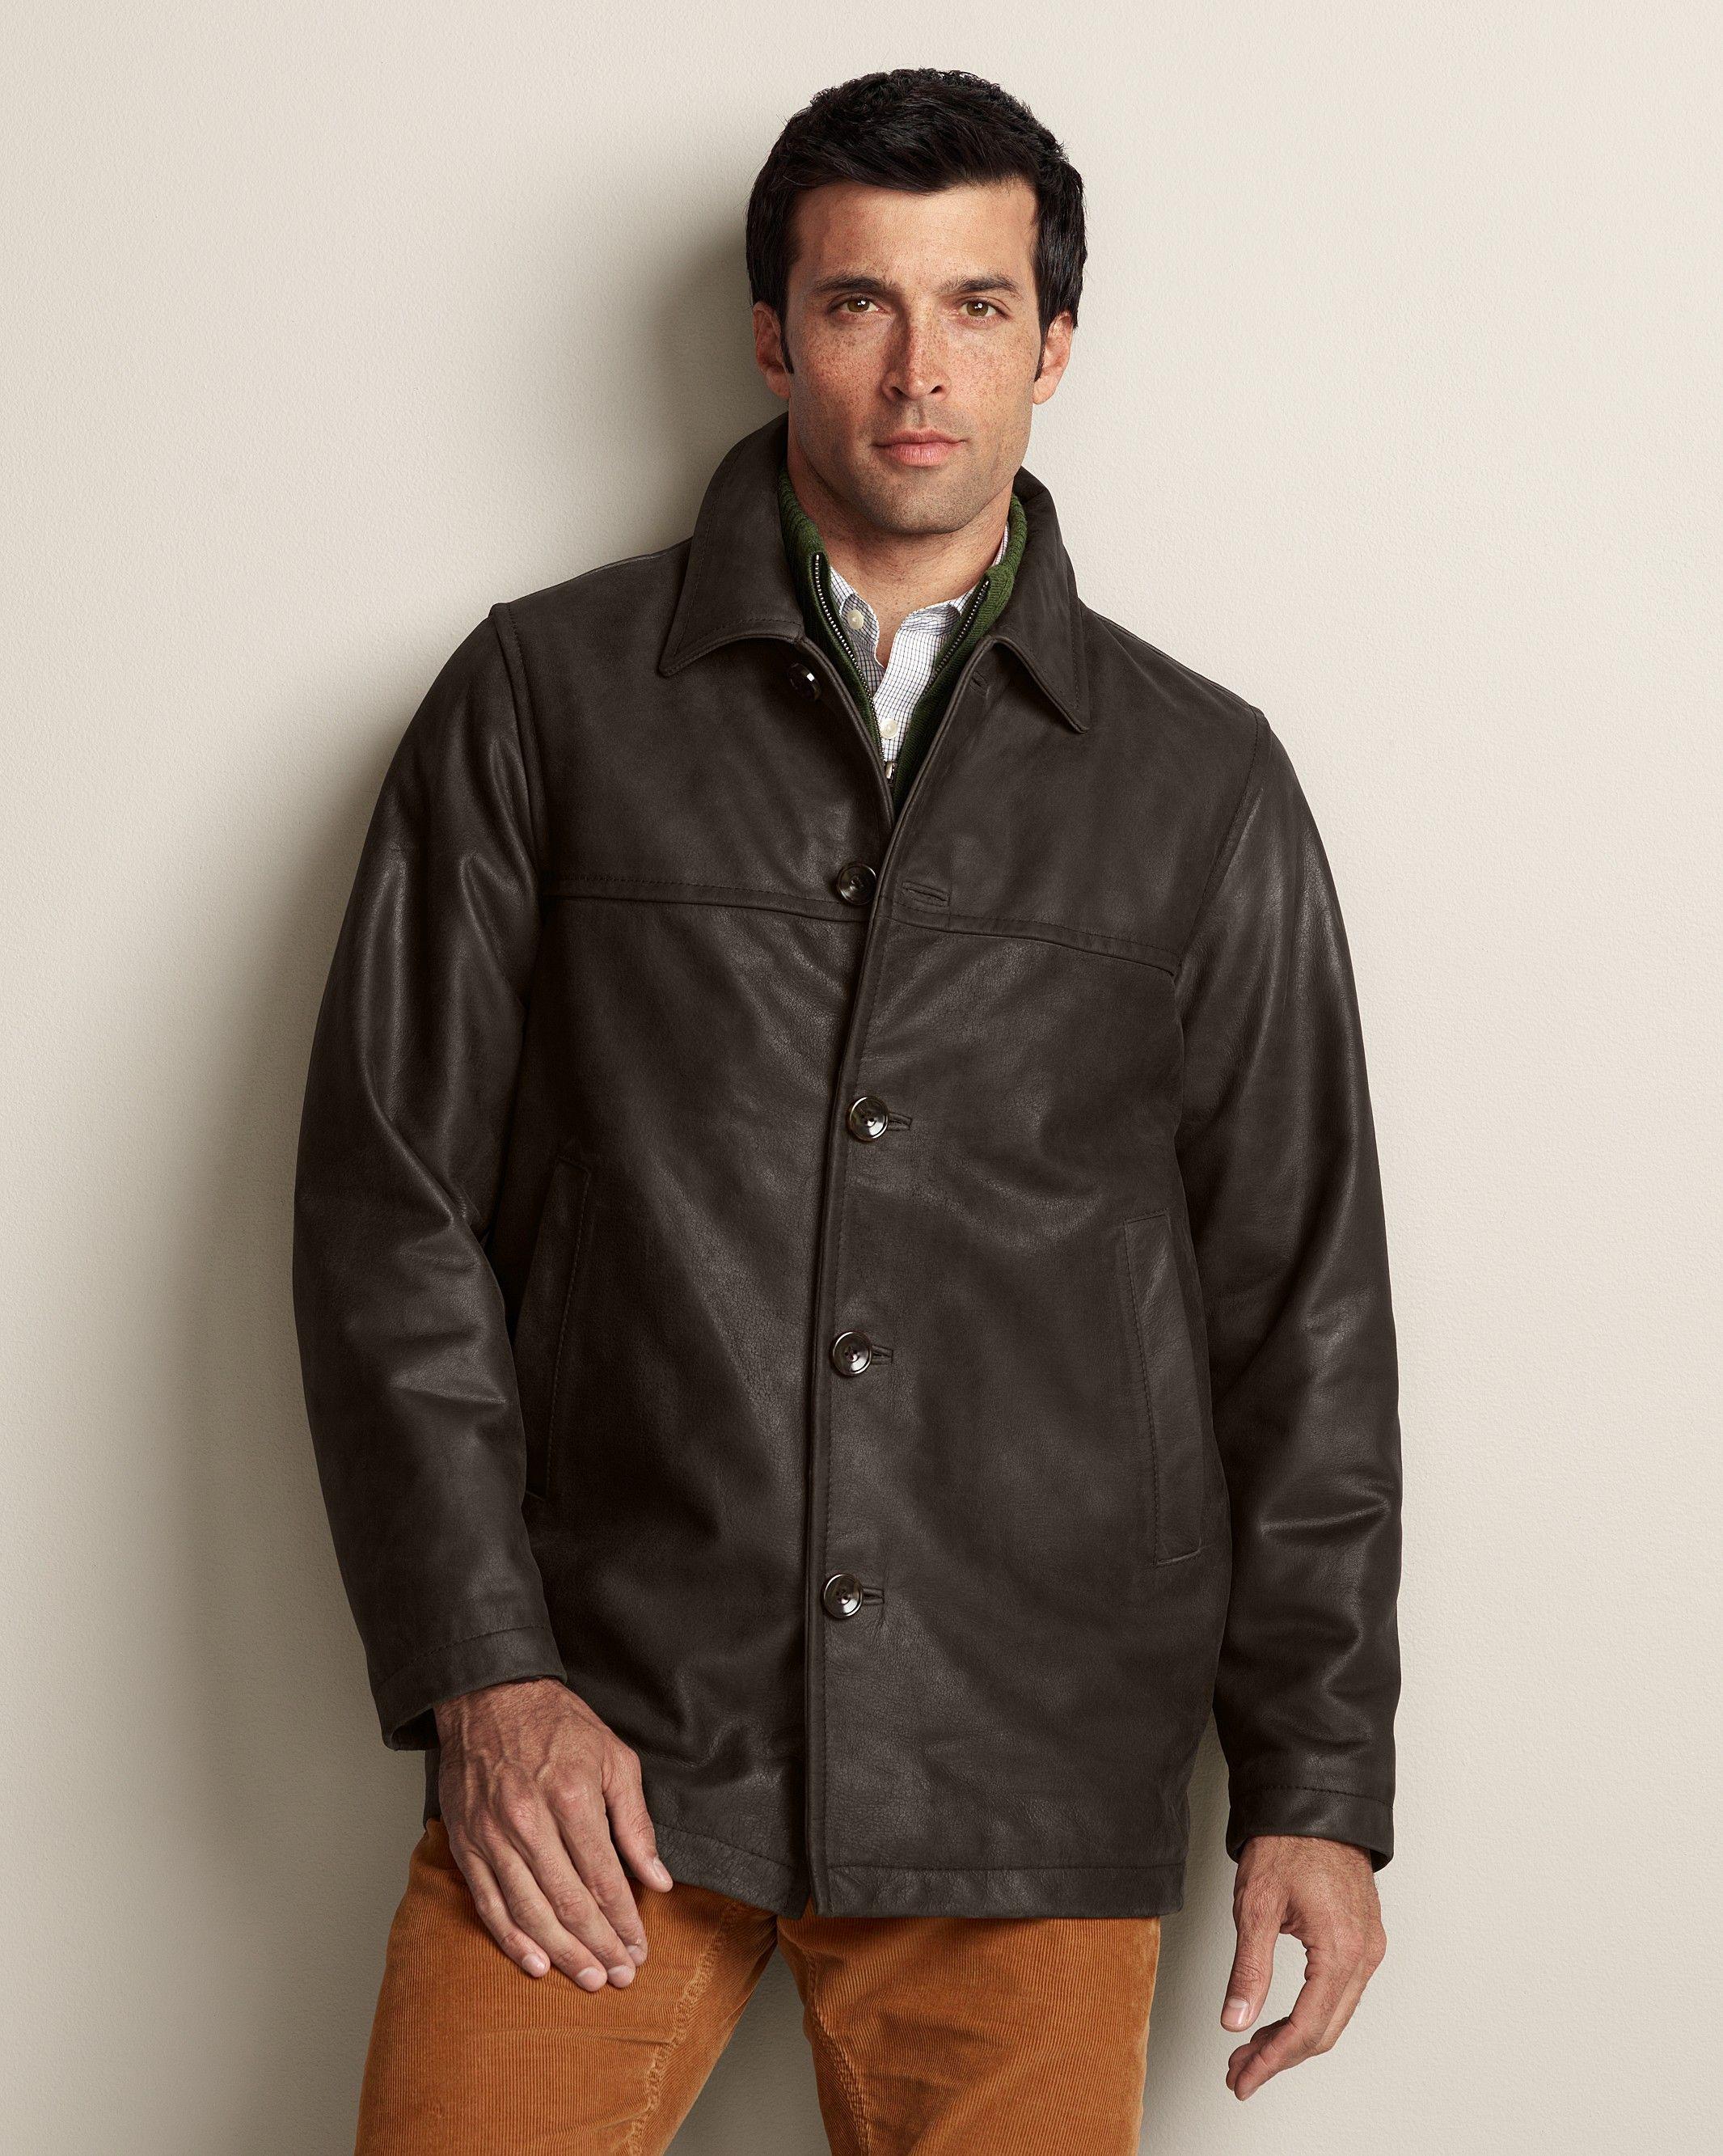 Leather Car Coat | Eddie Bauer - $319 | Sources for decent Men's ...